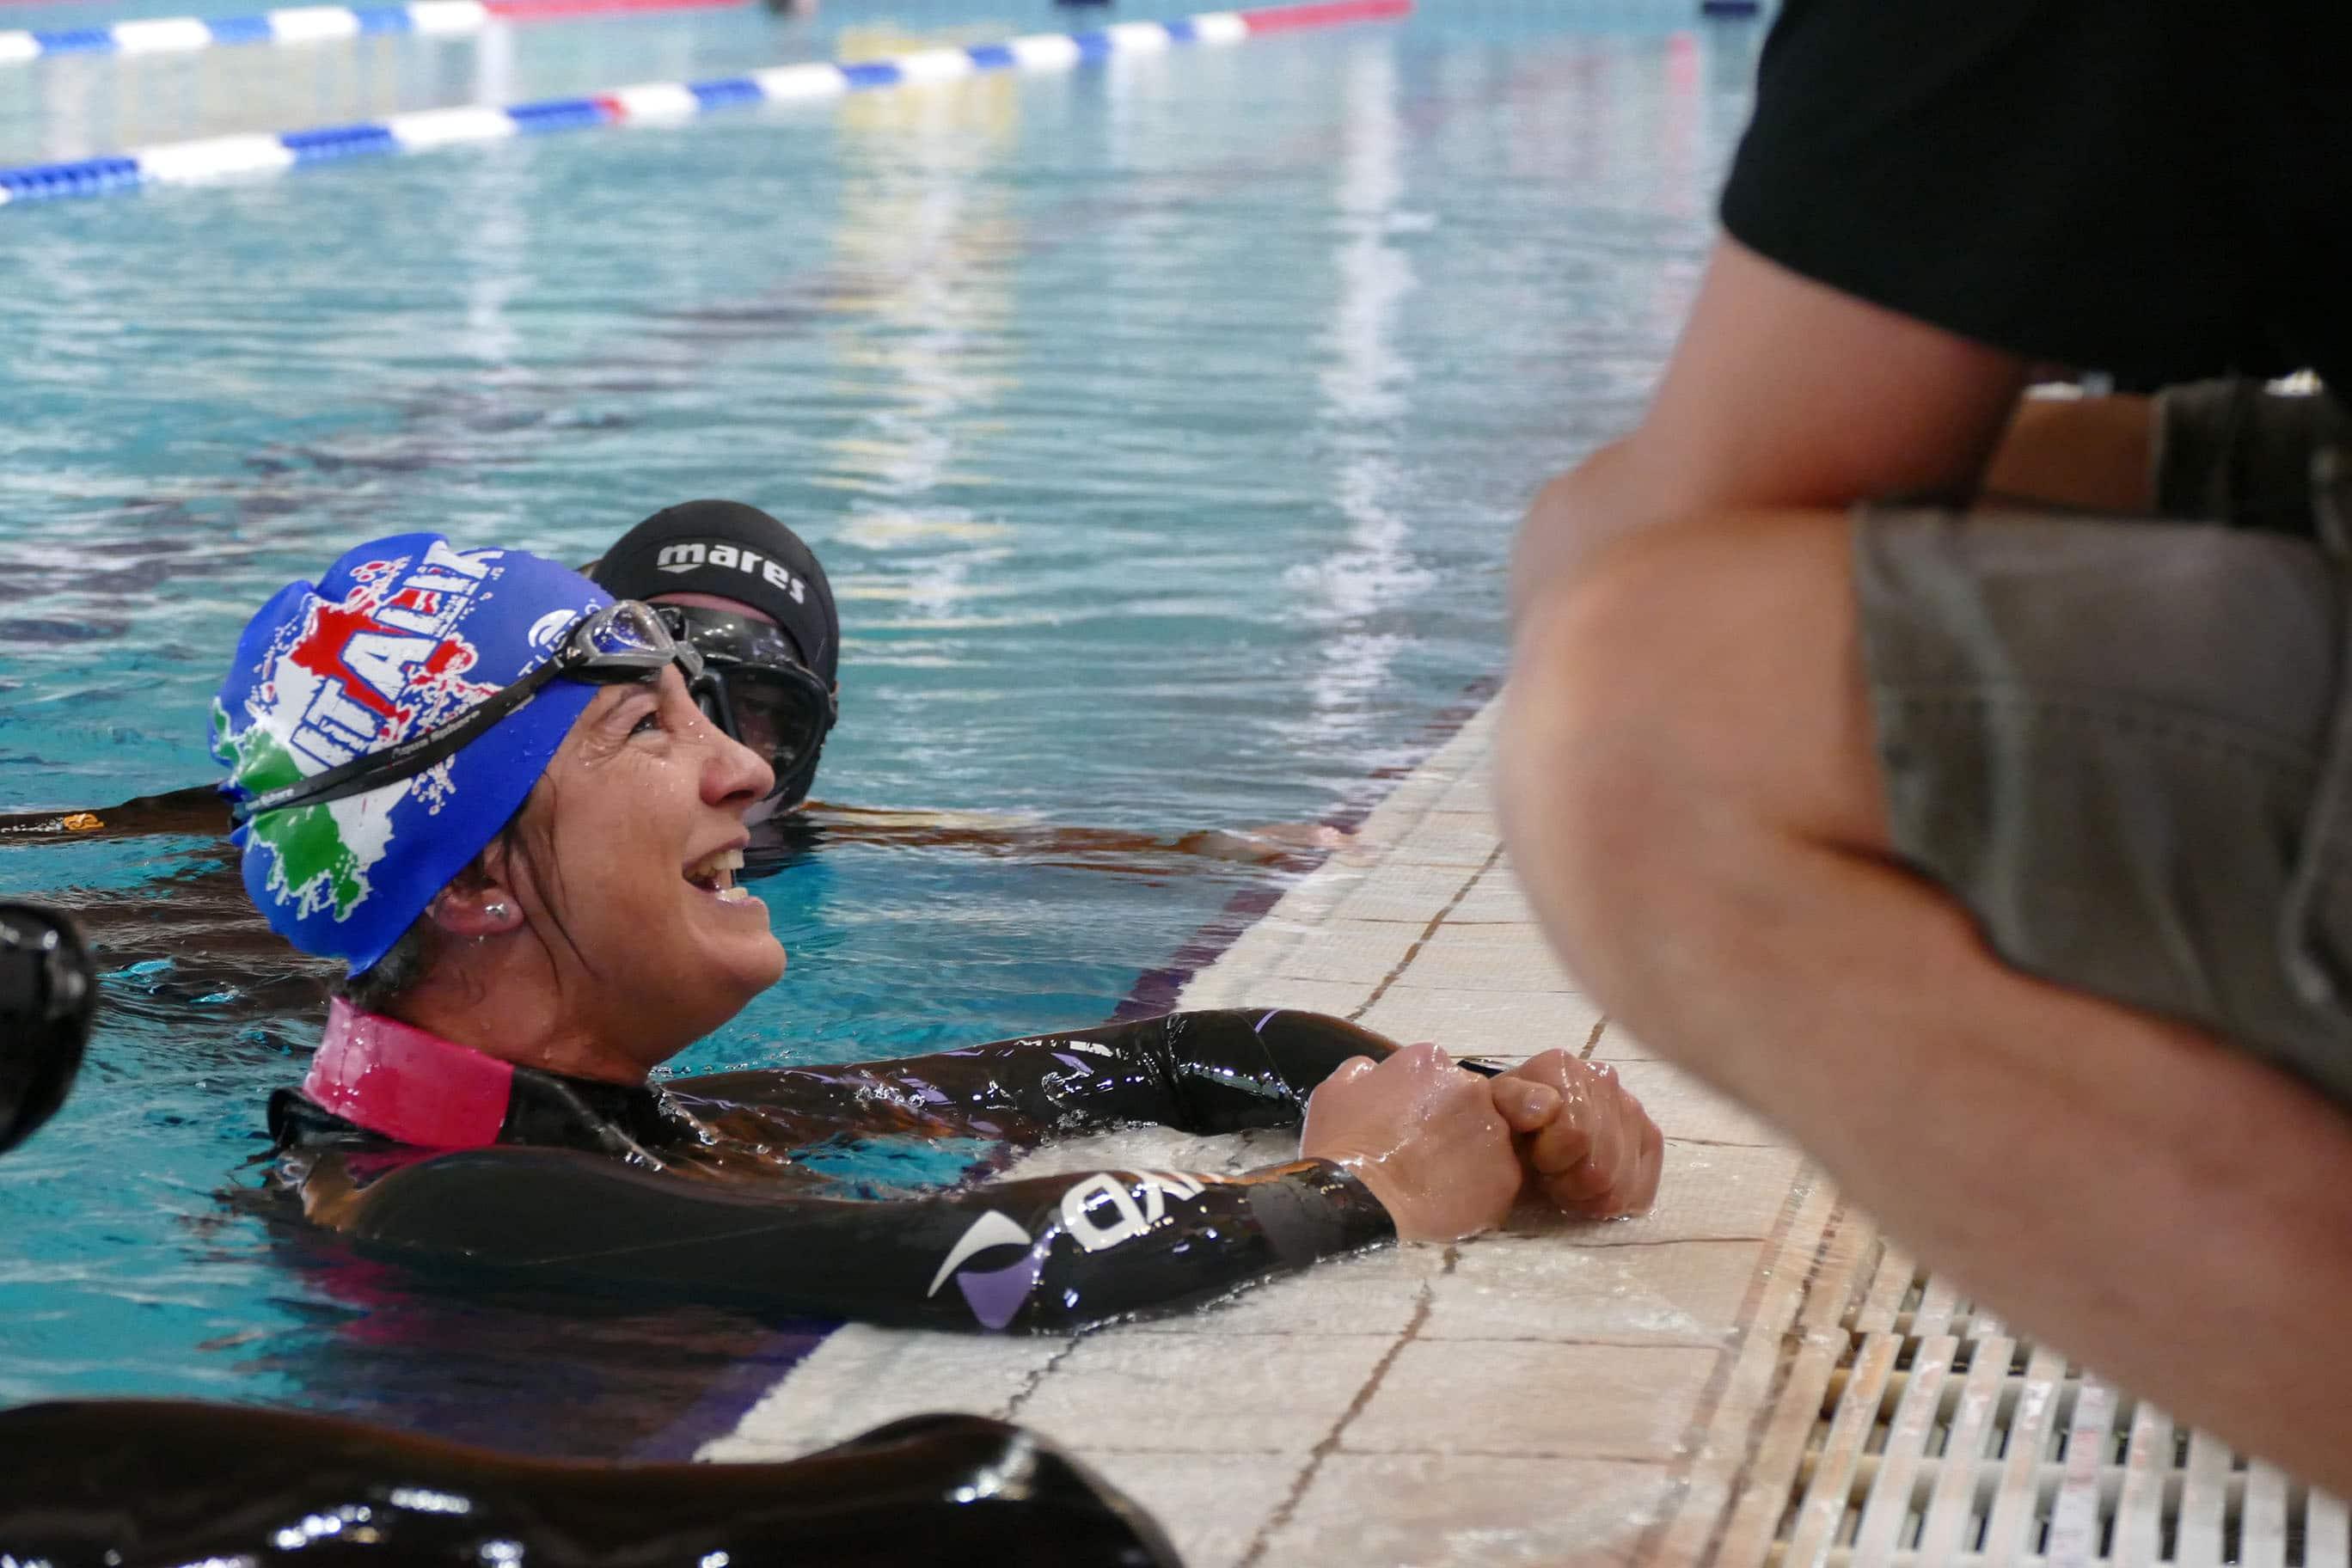 Cristina Rodda - Italy